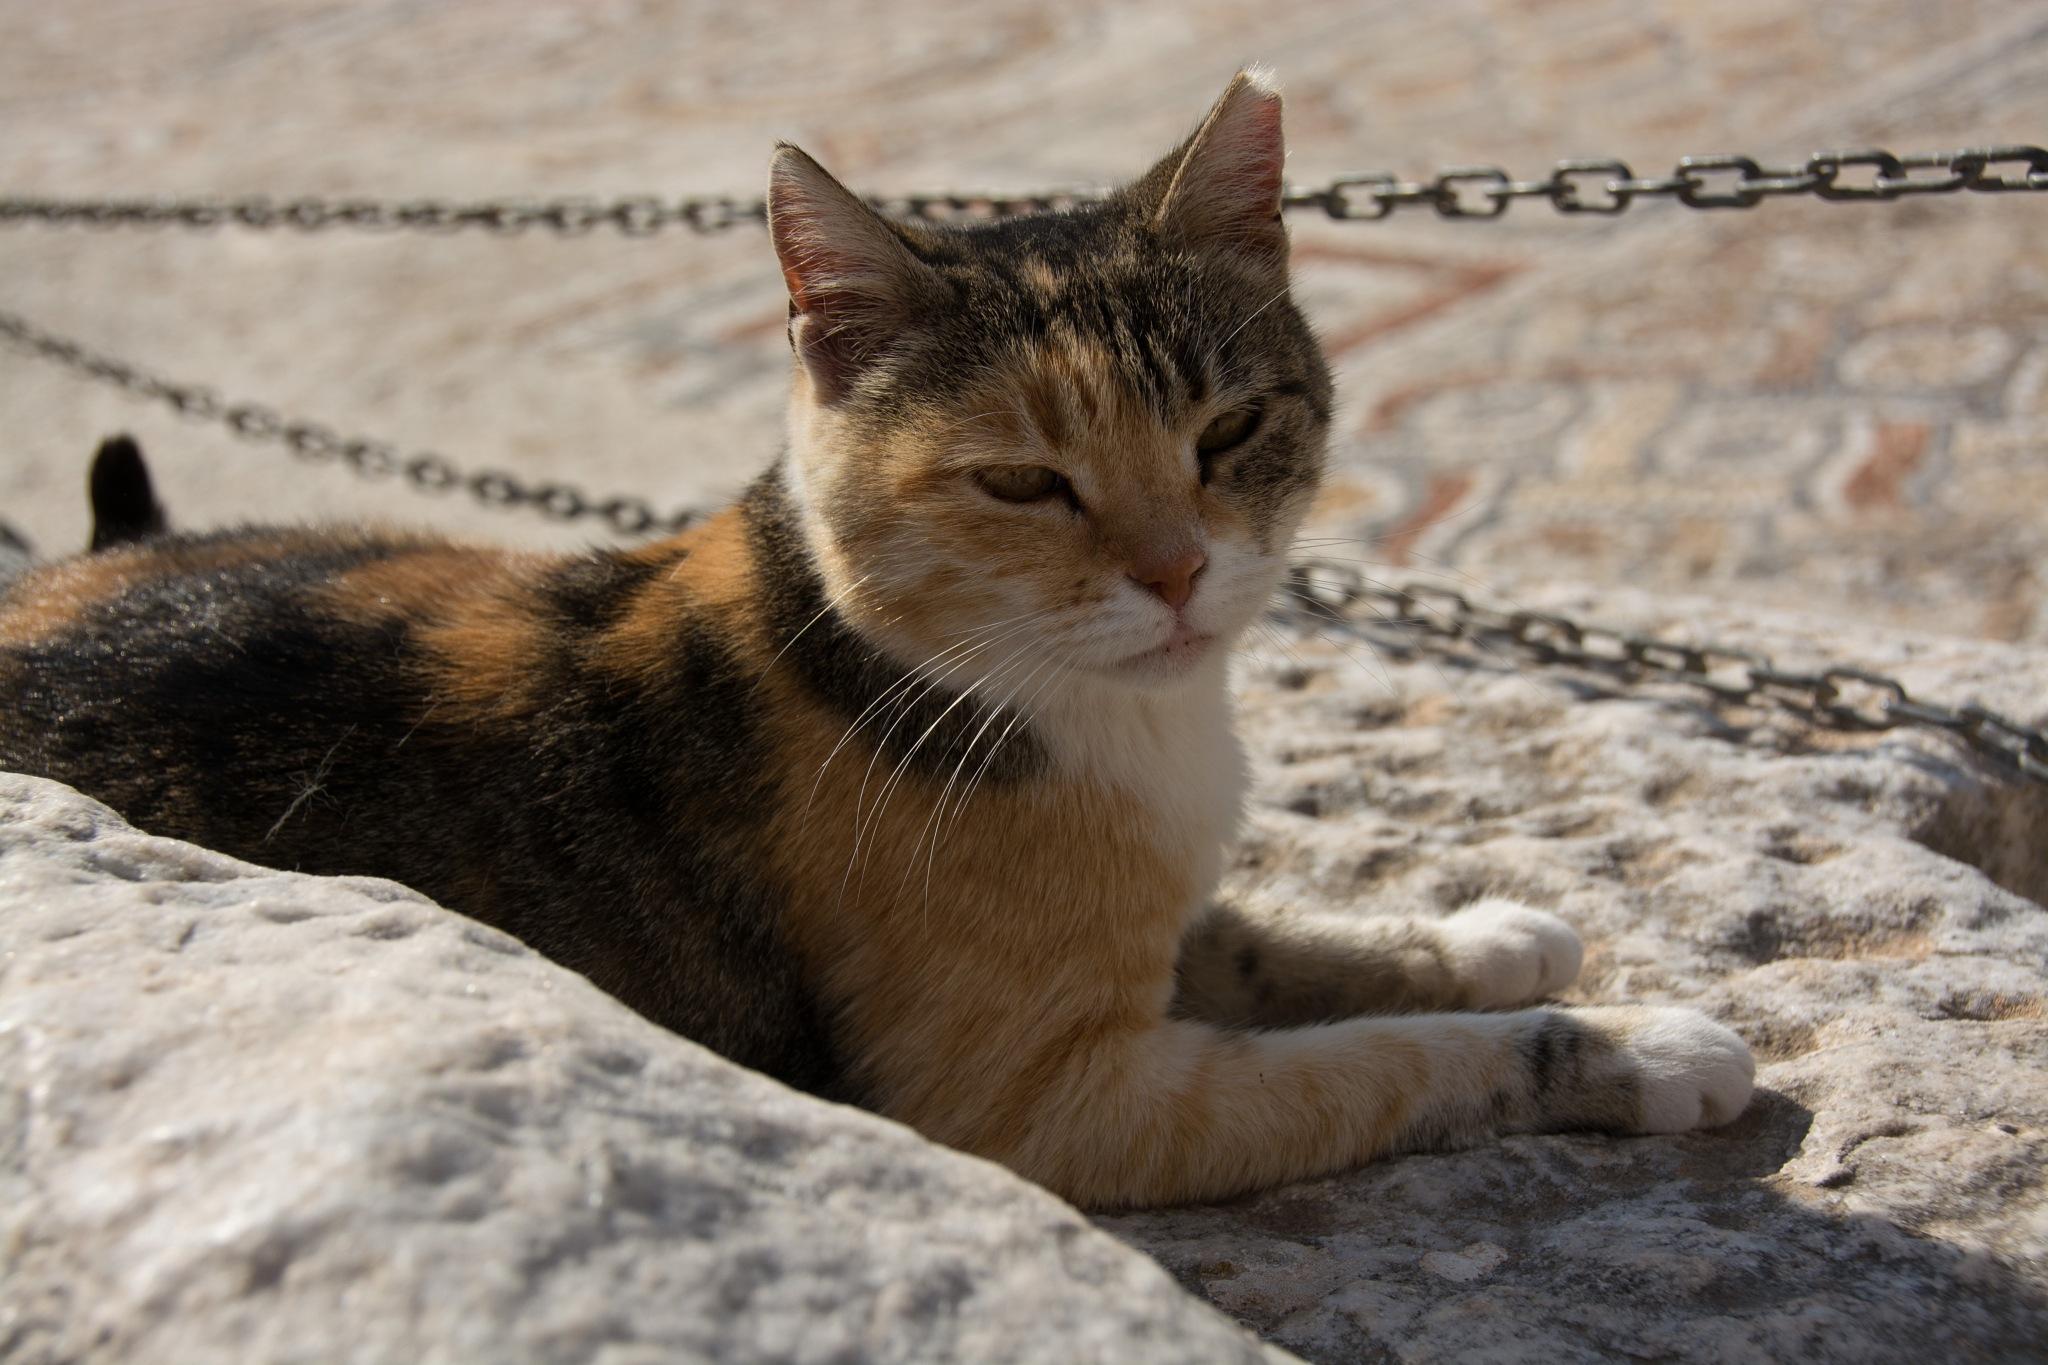 Cat Guarding Ancient Ephesus by bette.hileman